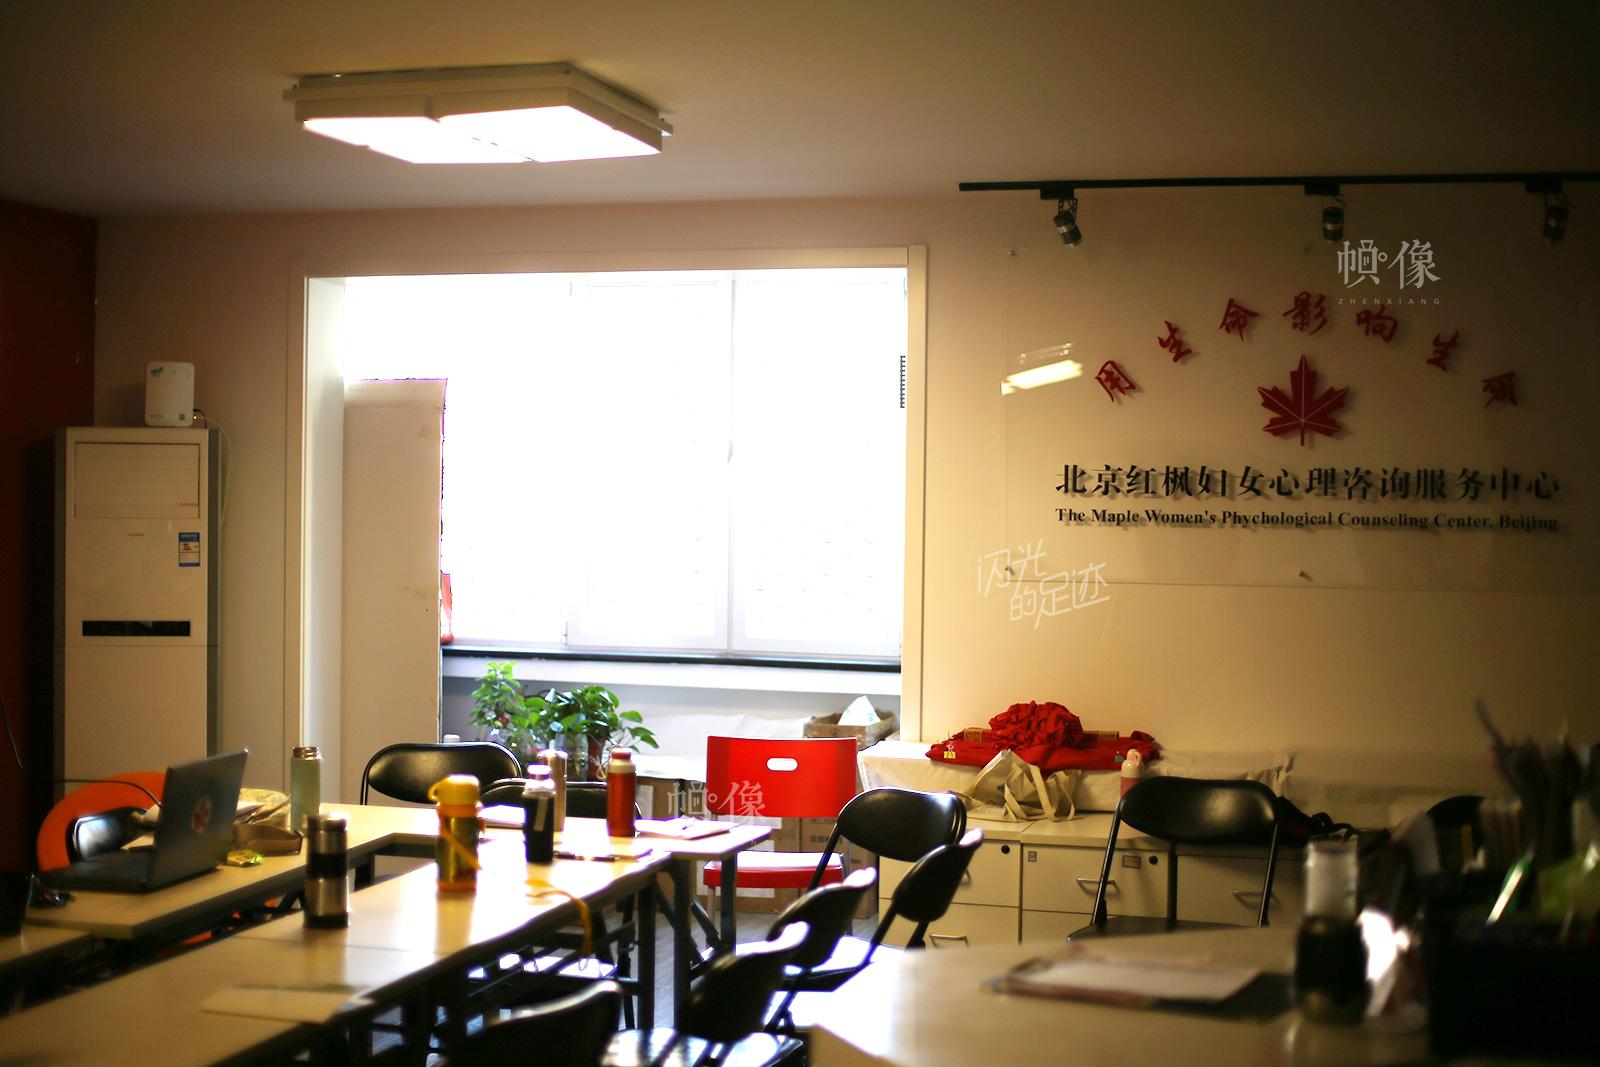 北京红枫妇女心理咨询服务中心成立于1988年10月,1992年红枫妇女心理公益热线正式开通,是由妇女问题专家王行娟女士以及一批热心于妇女事业的知识女性自愿组织起来的非营利性民间妇女组织。中国网记者 吴闻达 摄